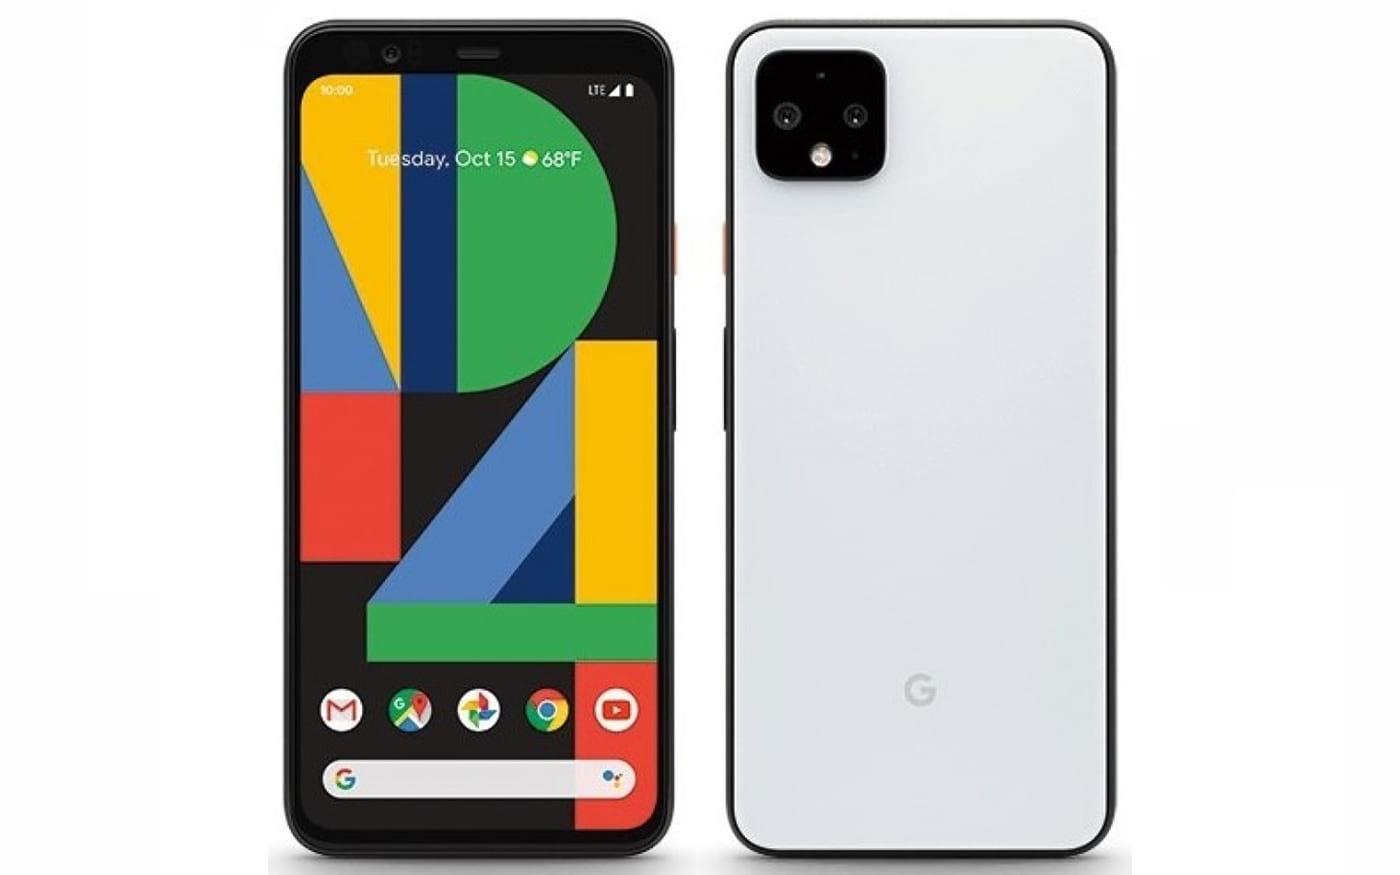 O Google Pixel 4 XL terá uma versão em preto e branco